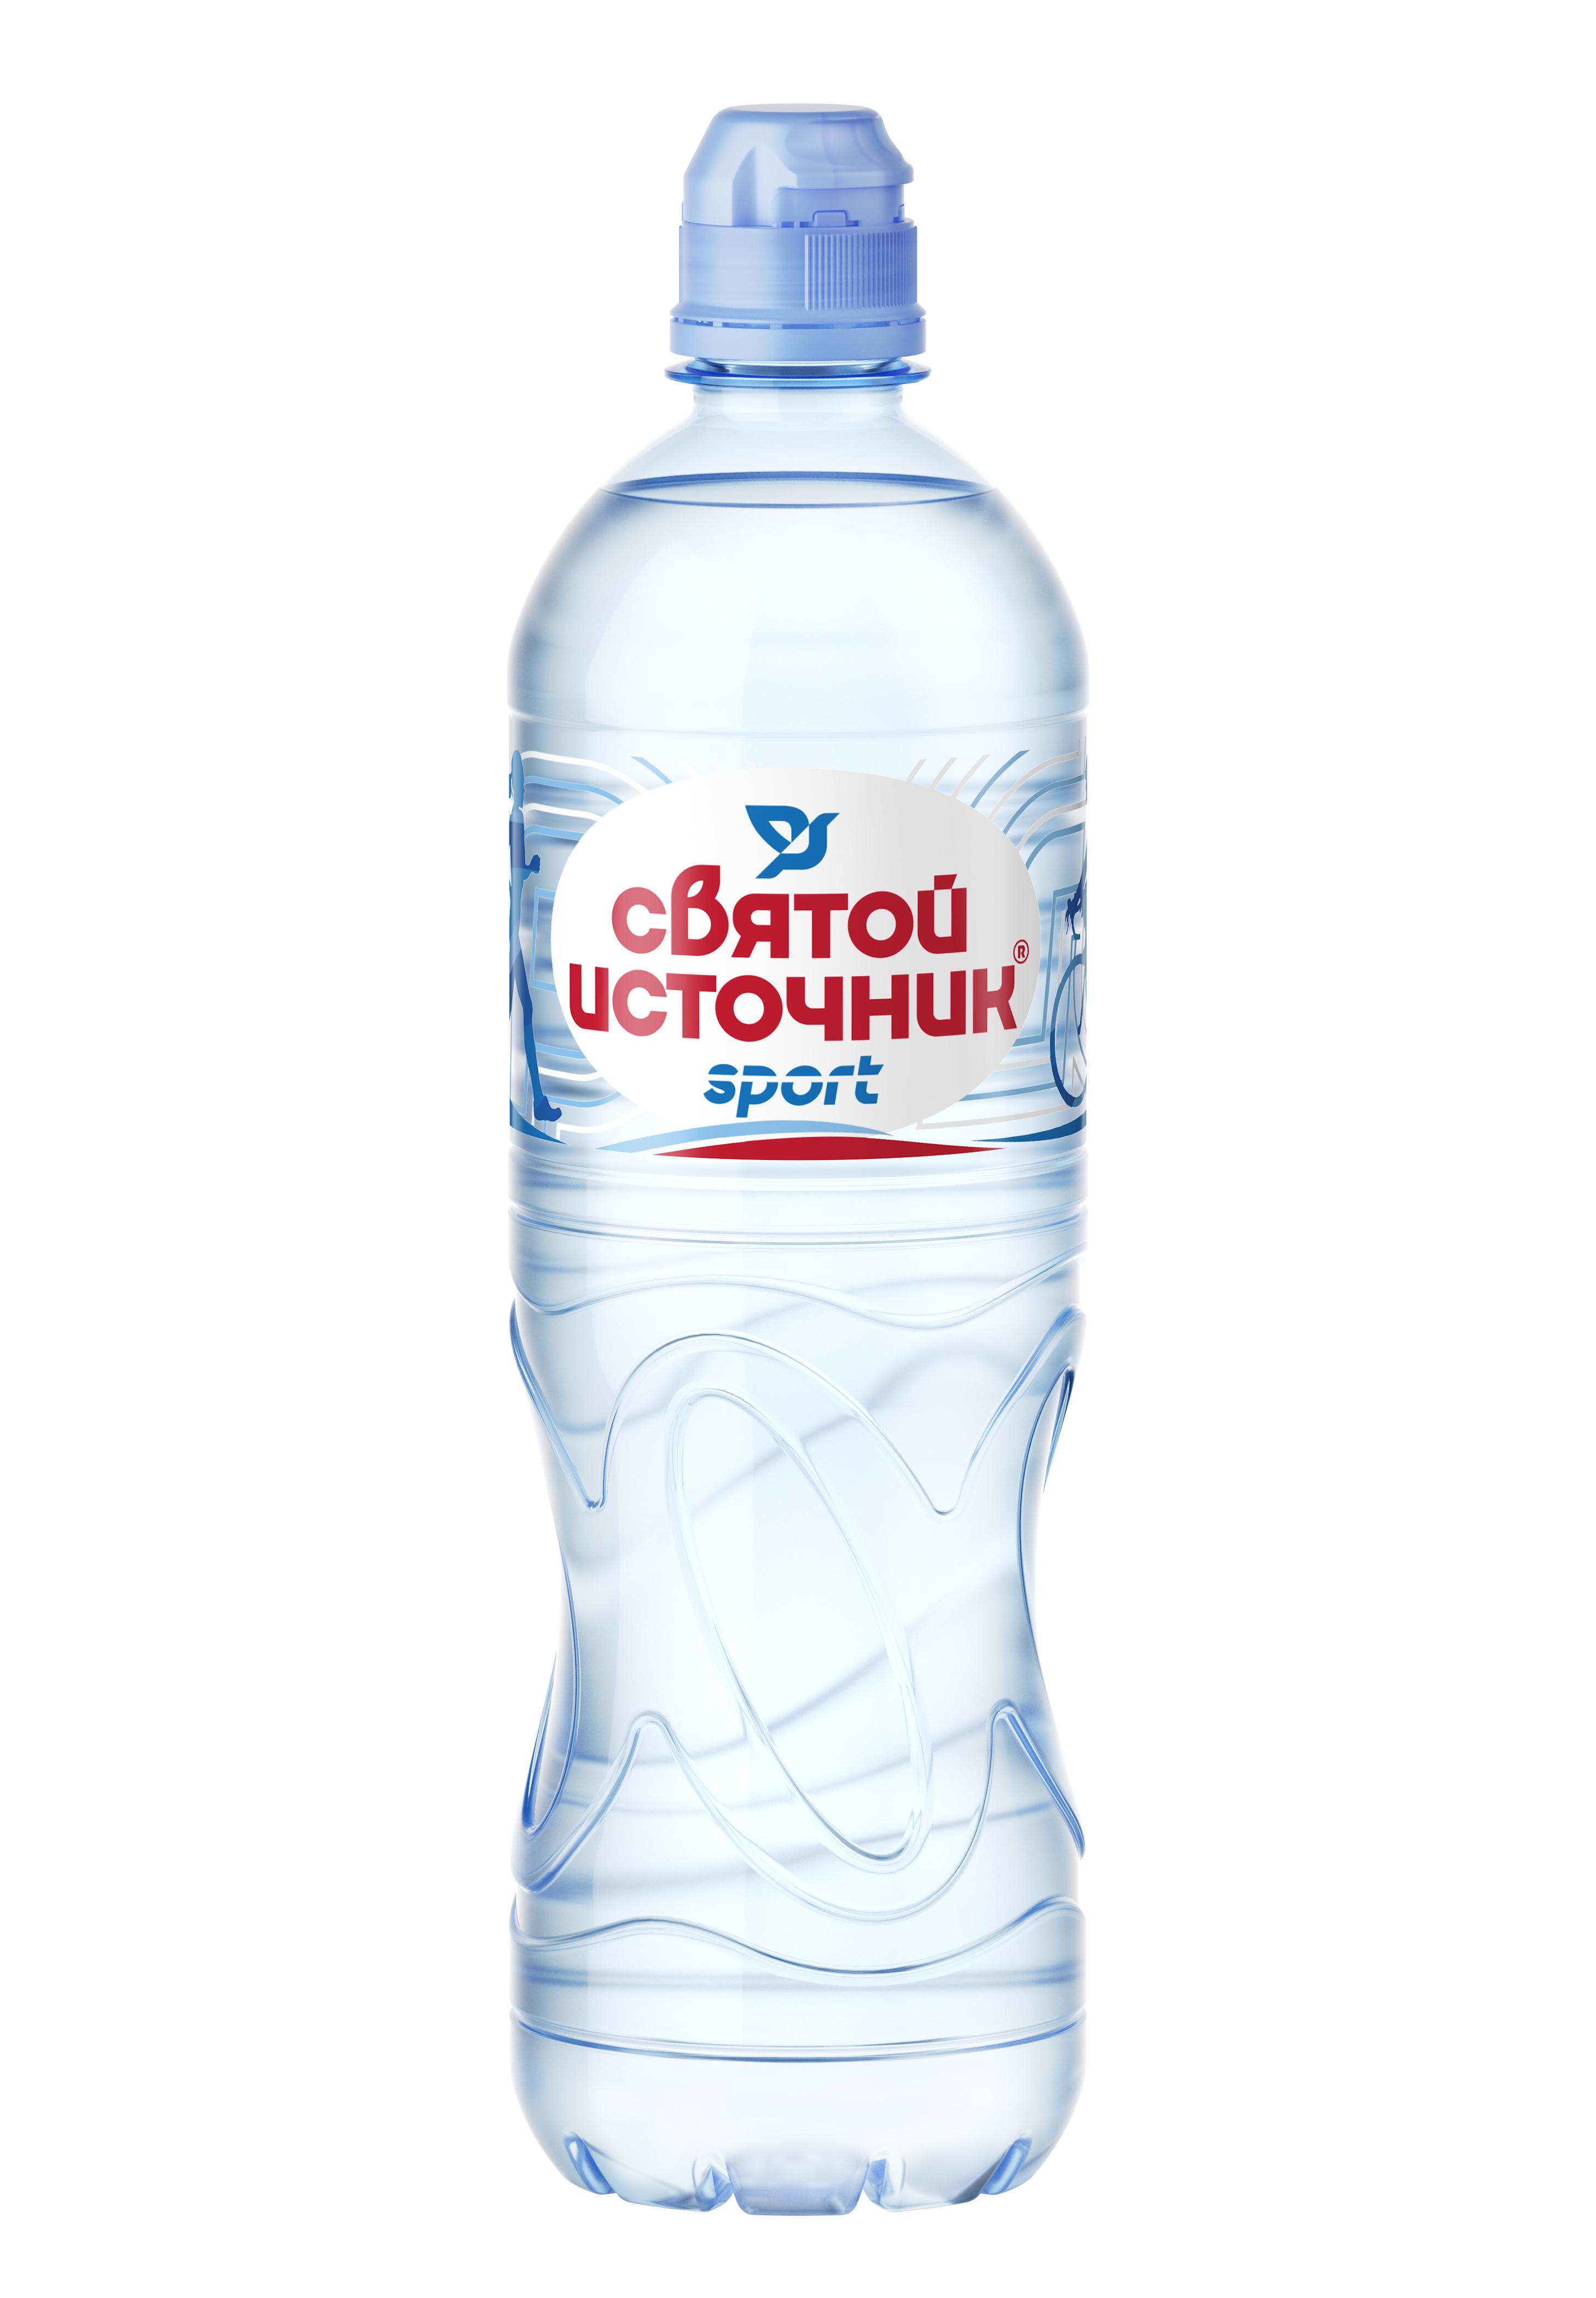 Вода минеральная Без газа спорт Святой Источник